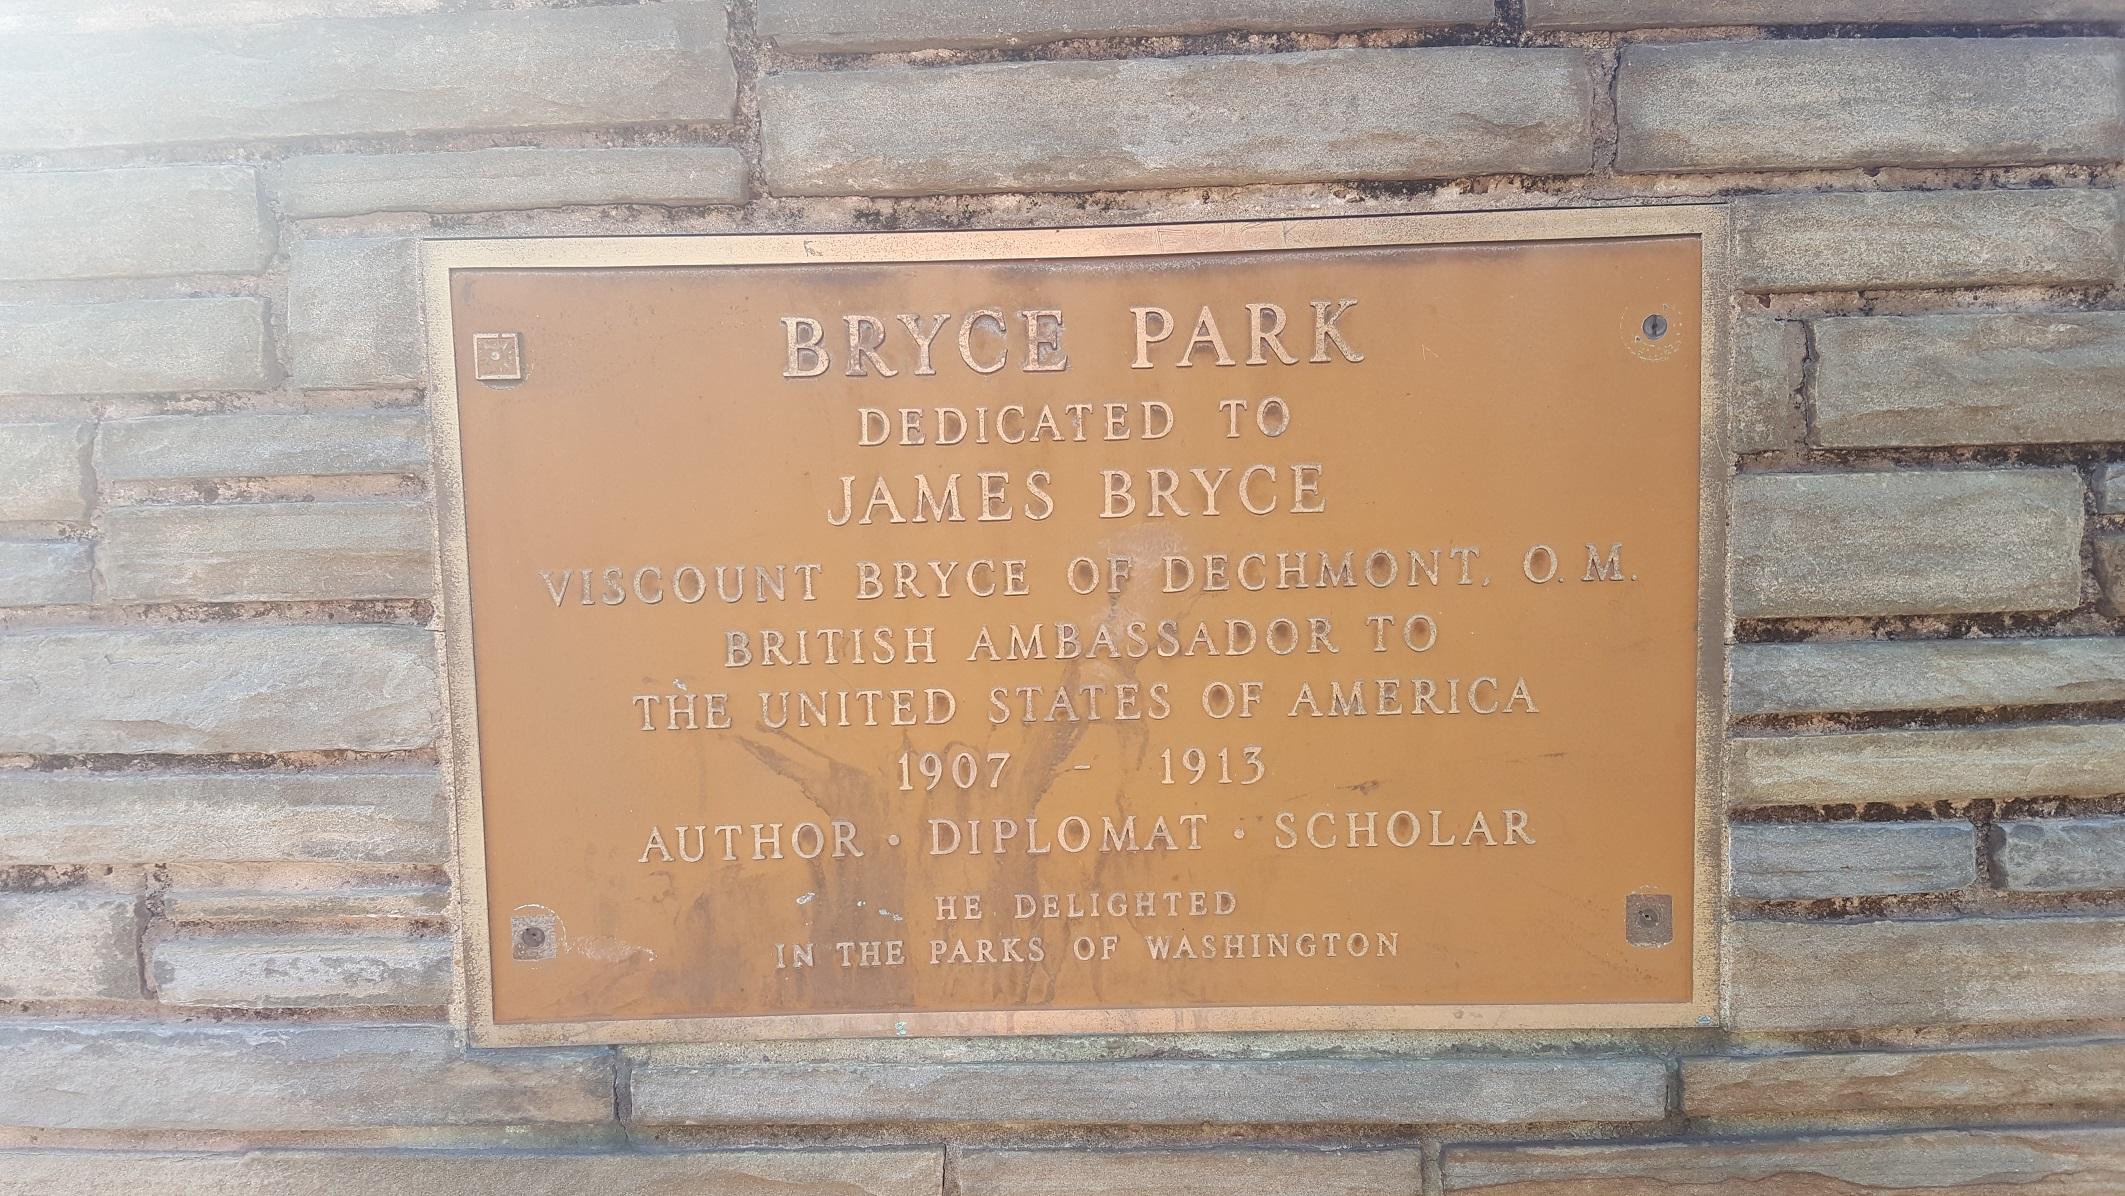 BrycePark-plaque